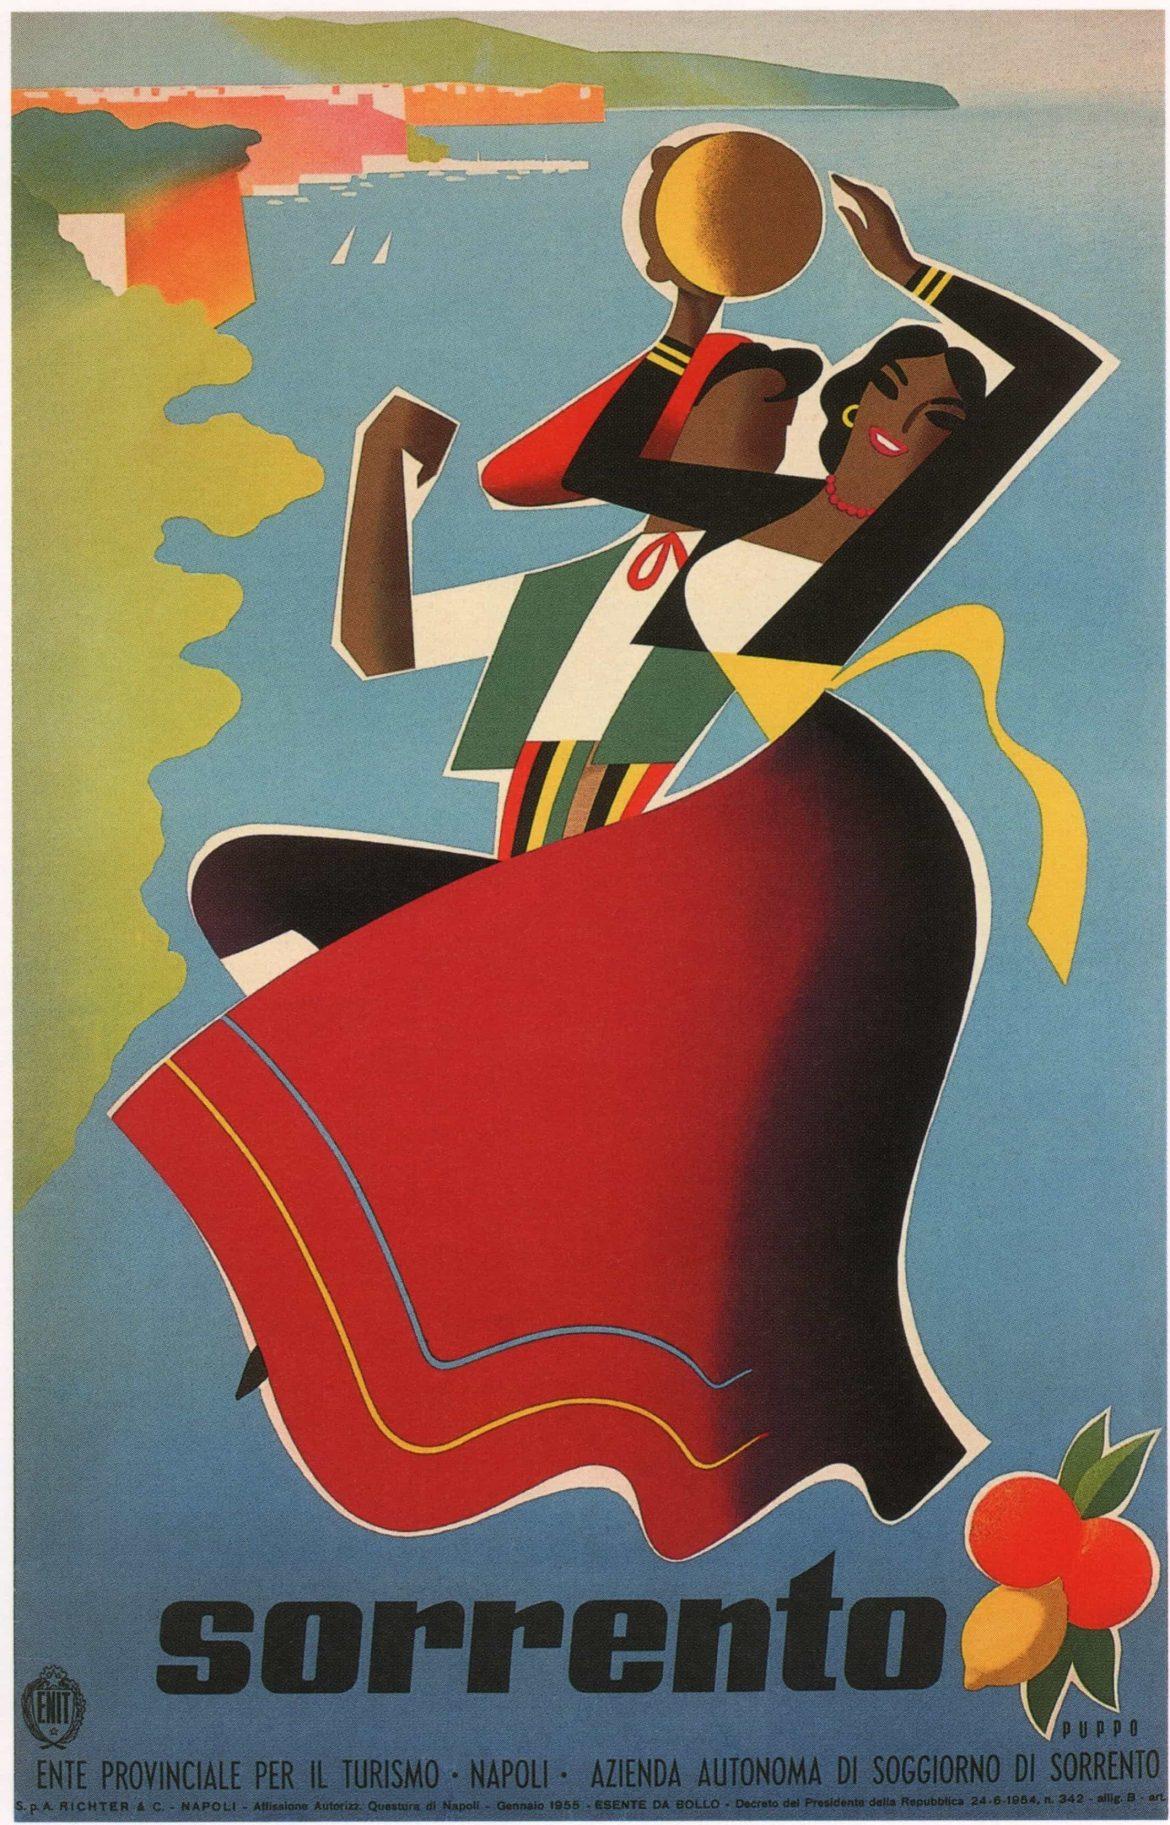 Sorrento Vintage Travel Poster, 1955